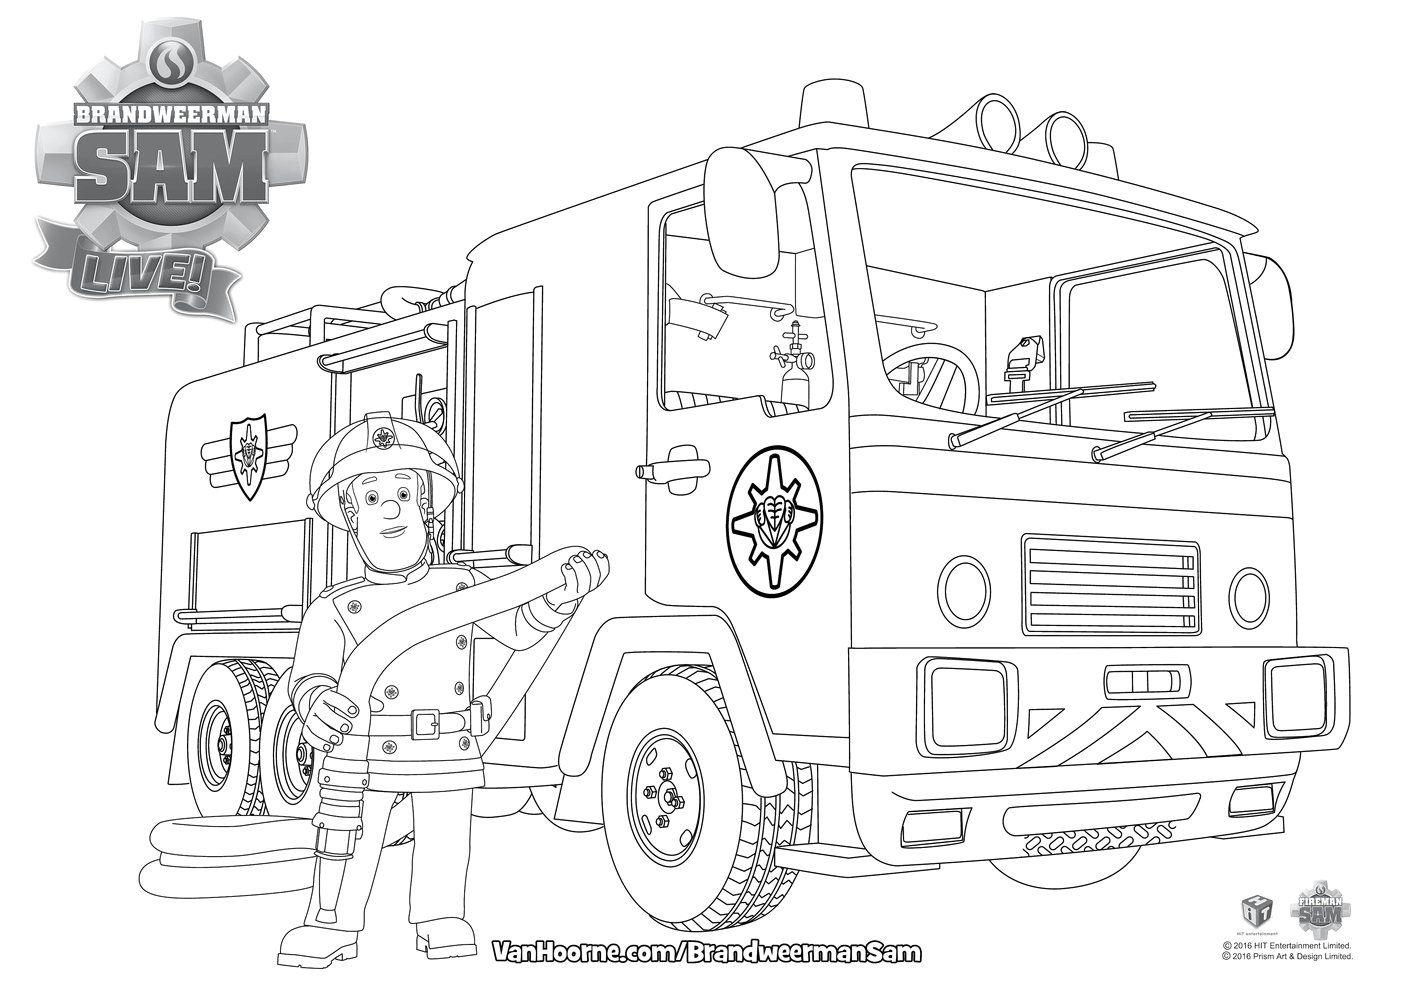 afbeeldingsresultaat voor kleurplaat brandweerman sam